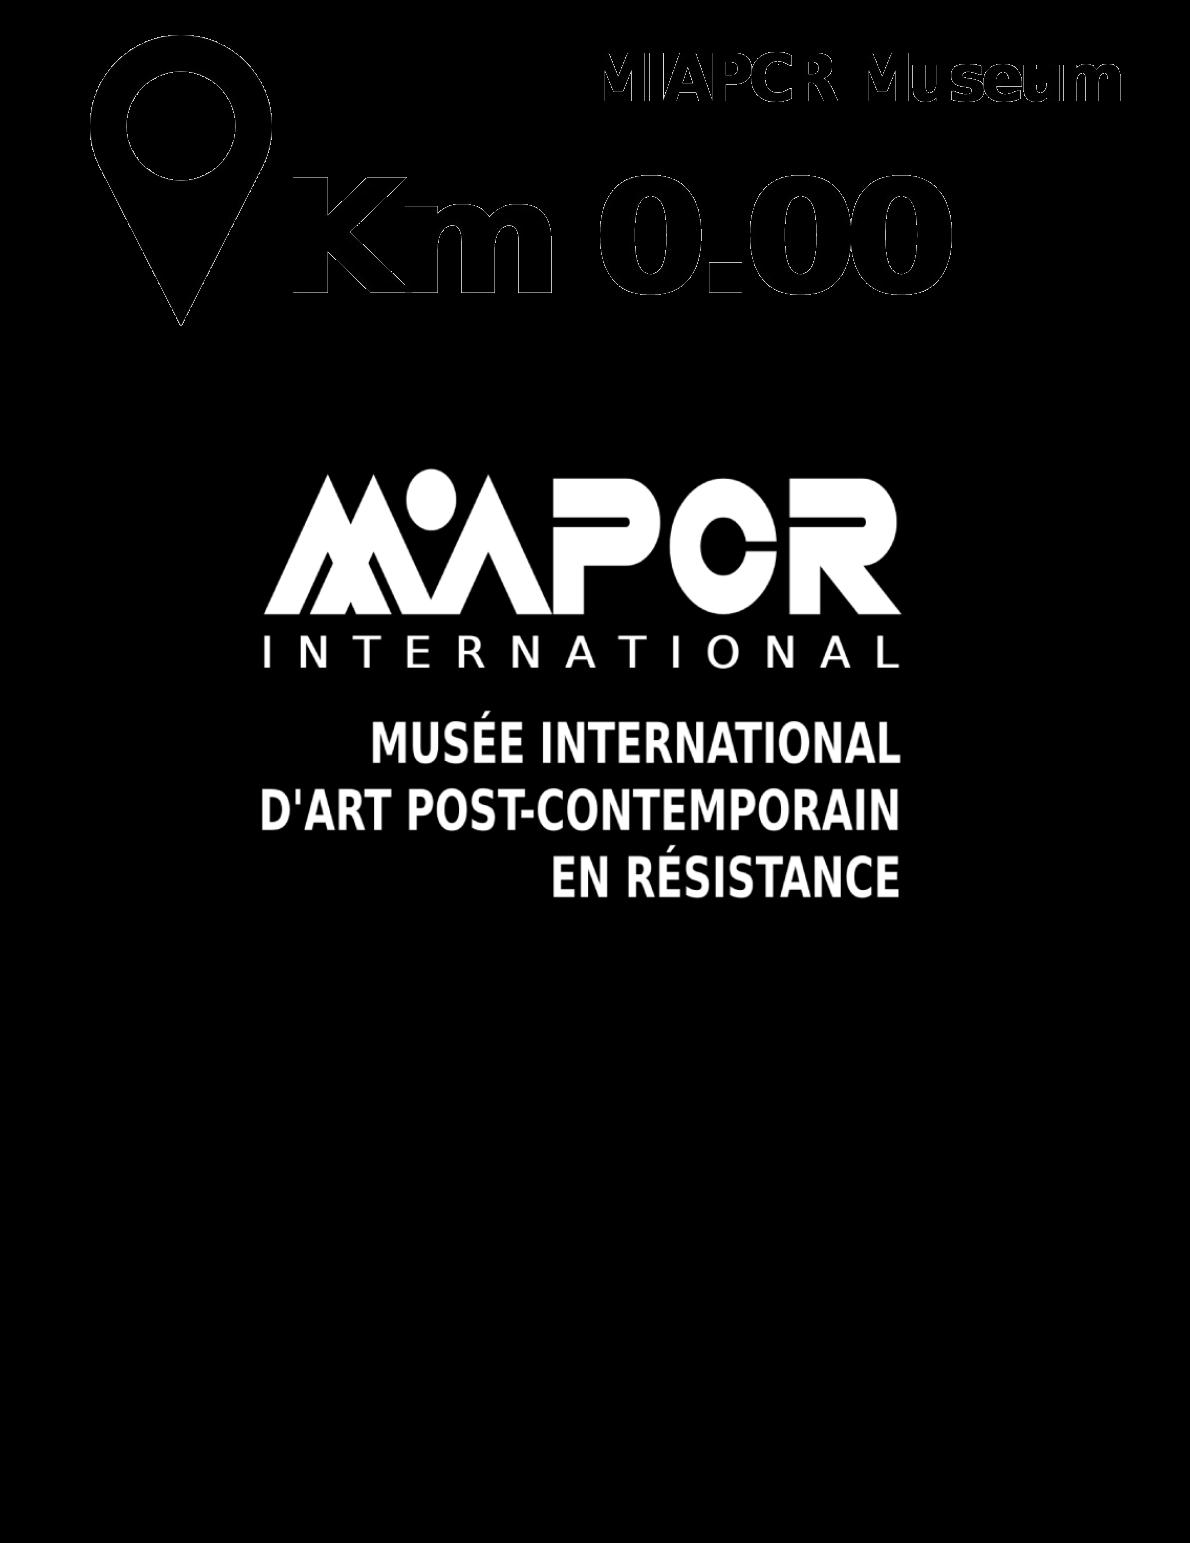 Musée International d'Art Post-Contemporain en Résistance MIAPCR Museum